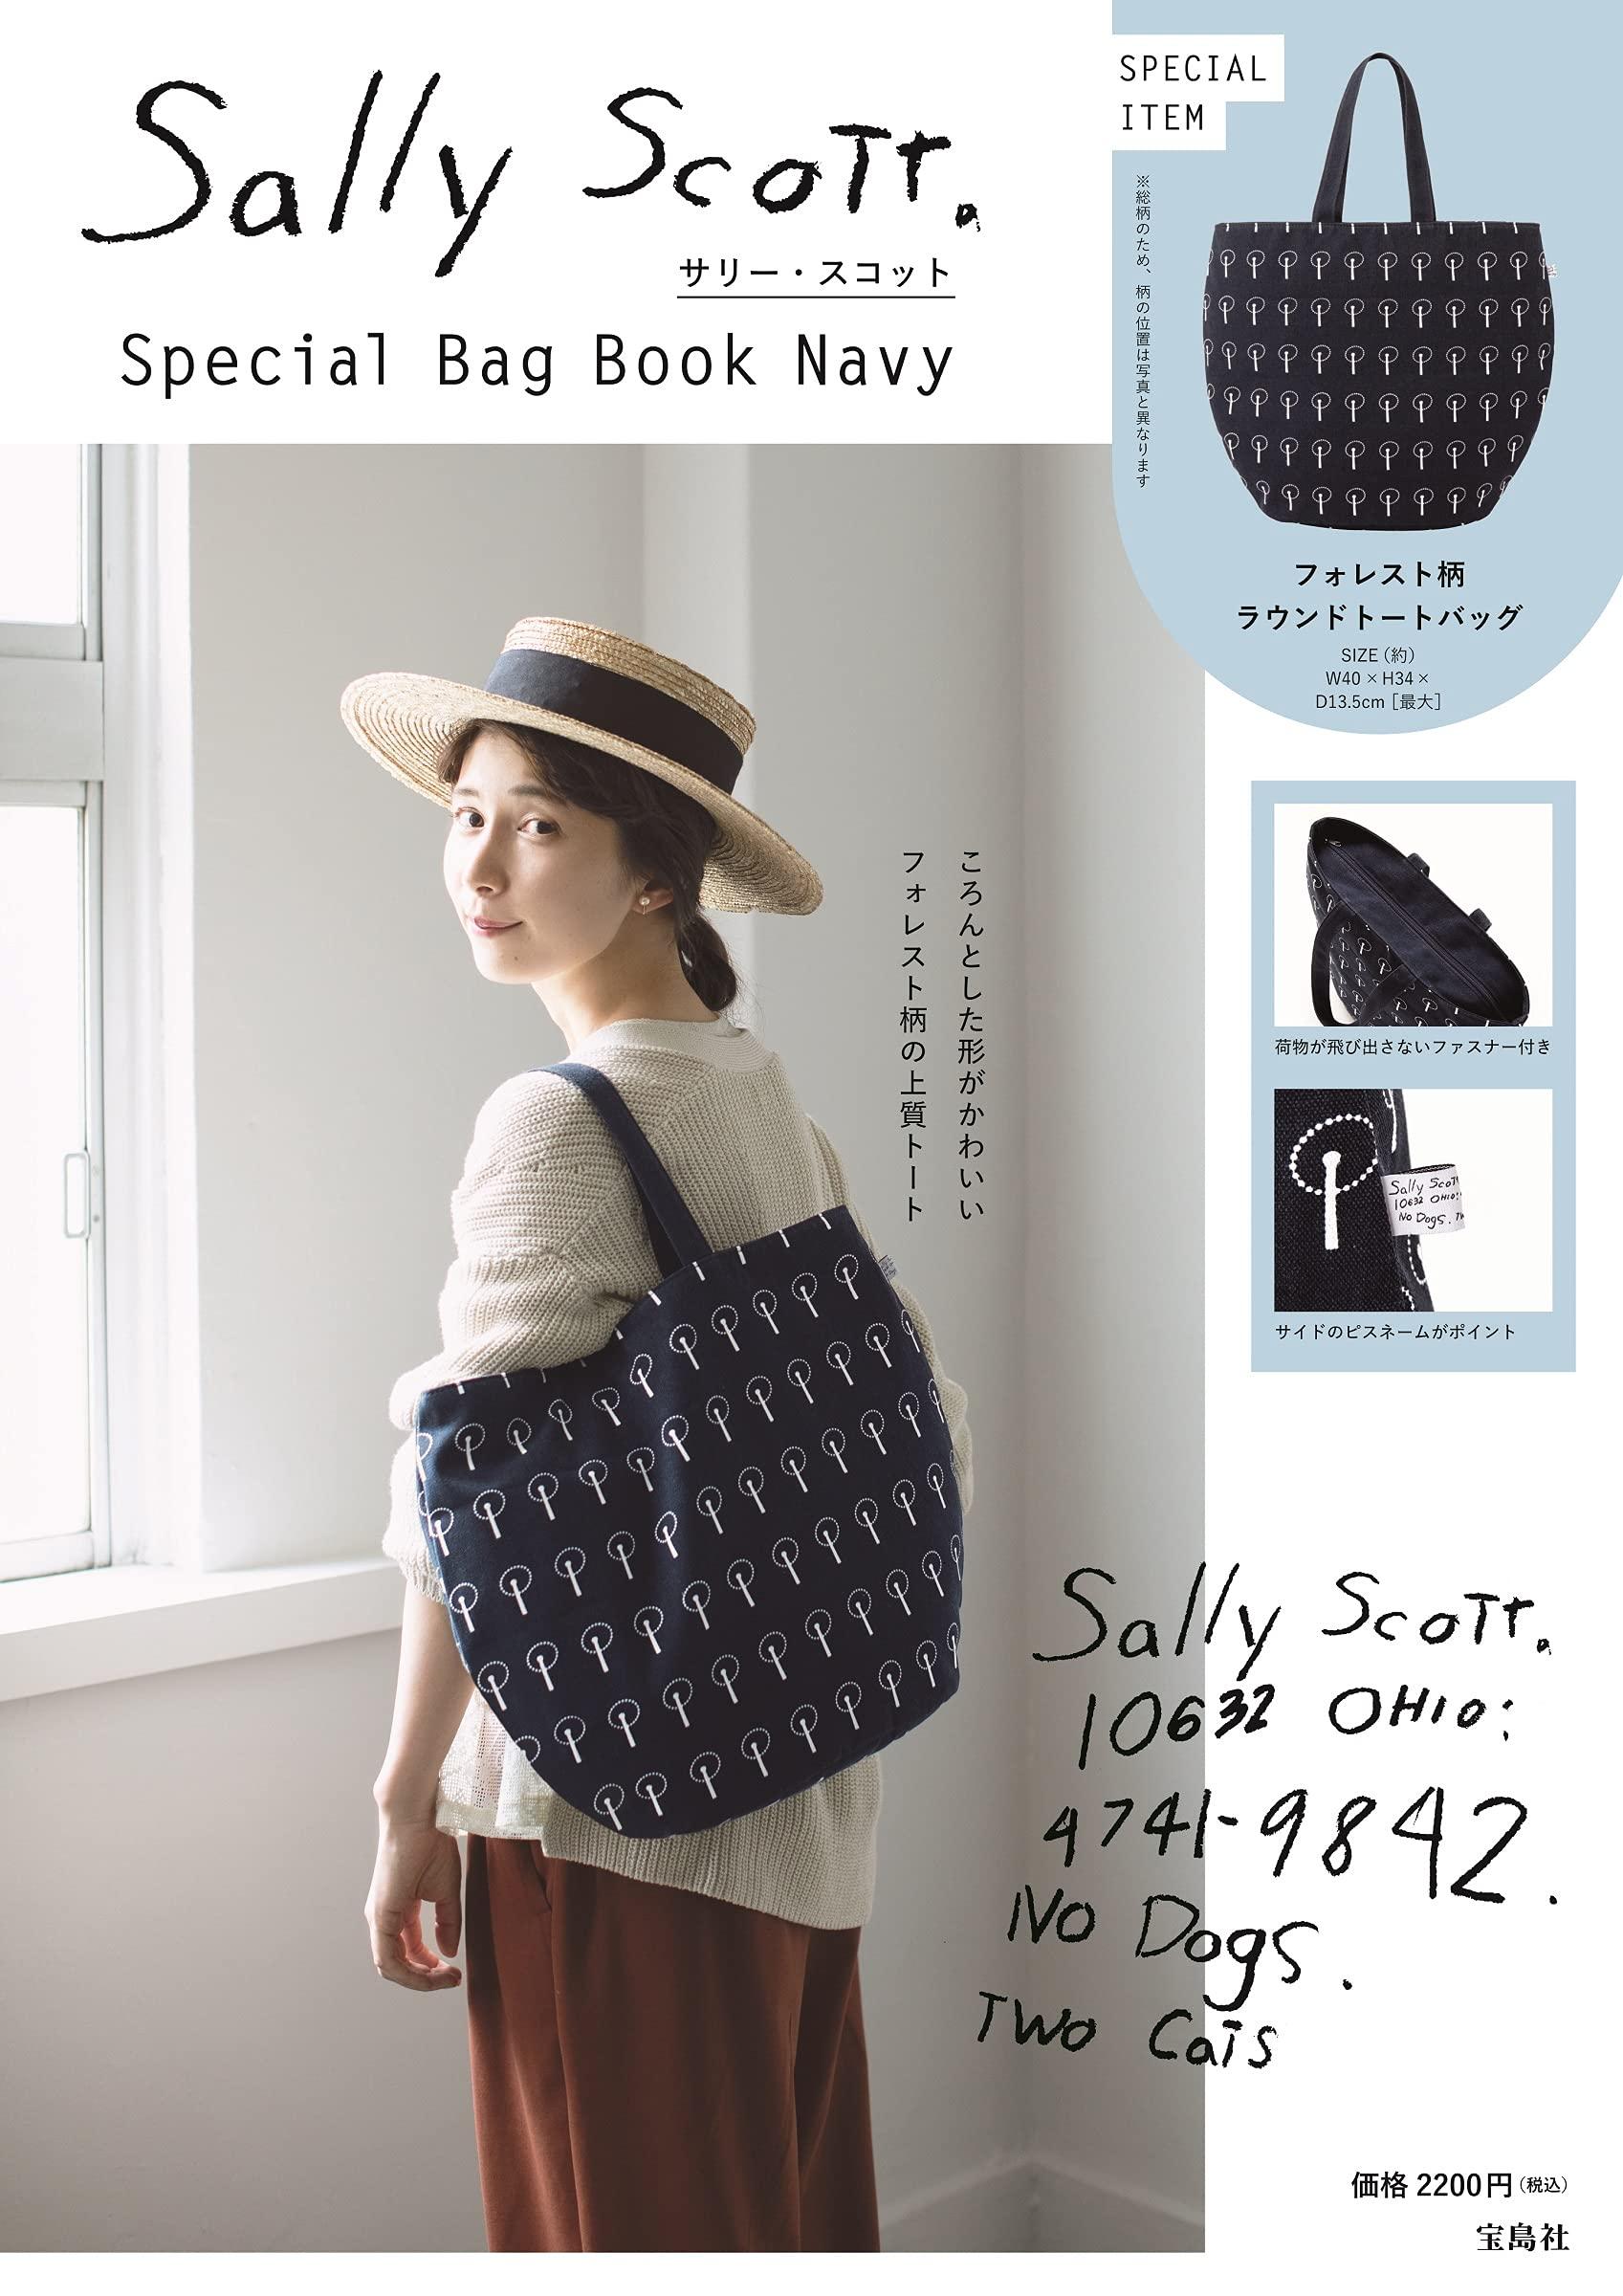 サリ-·スコット Special Bag Book Navy